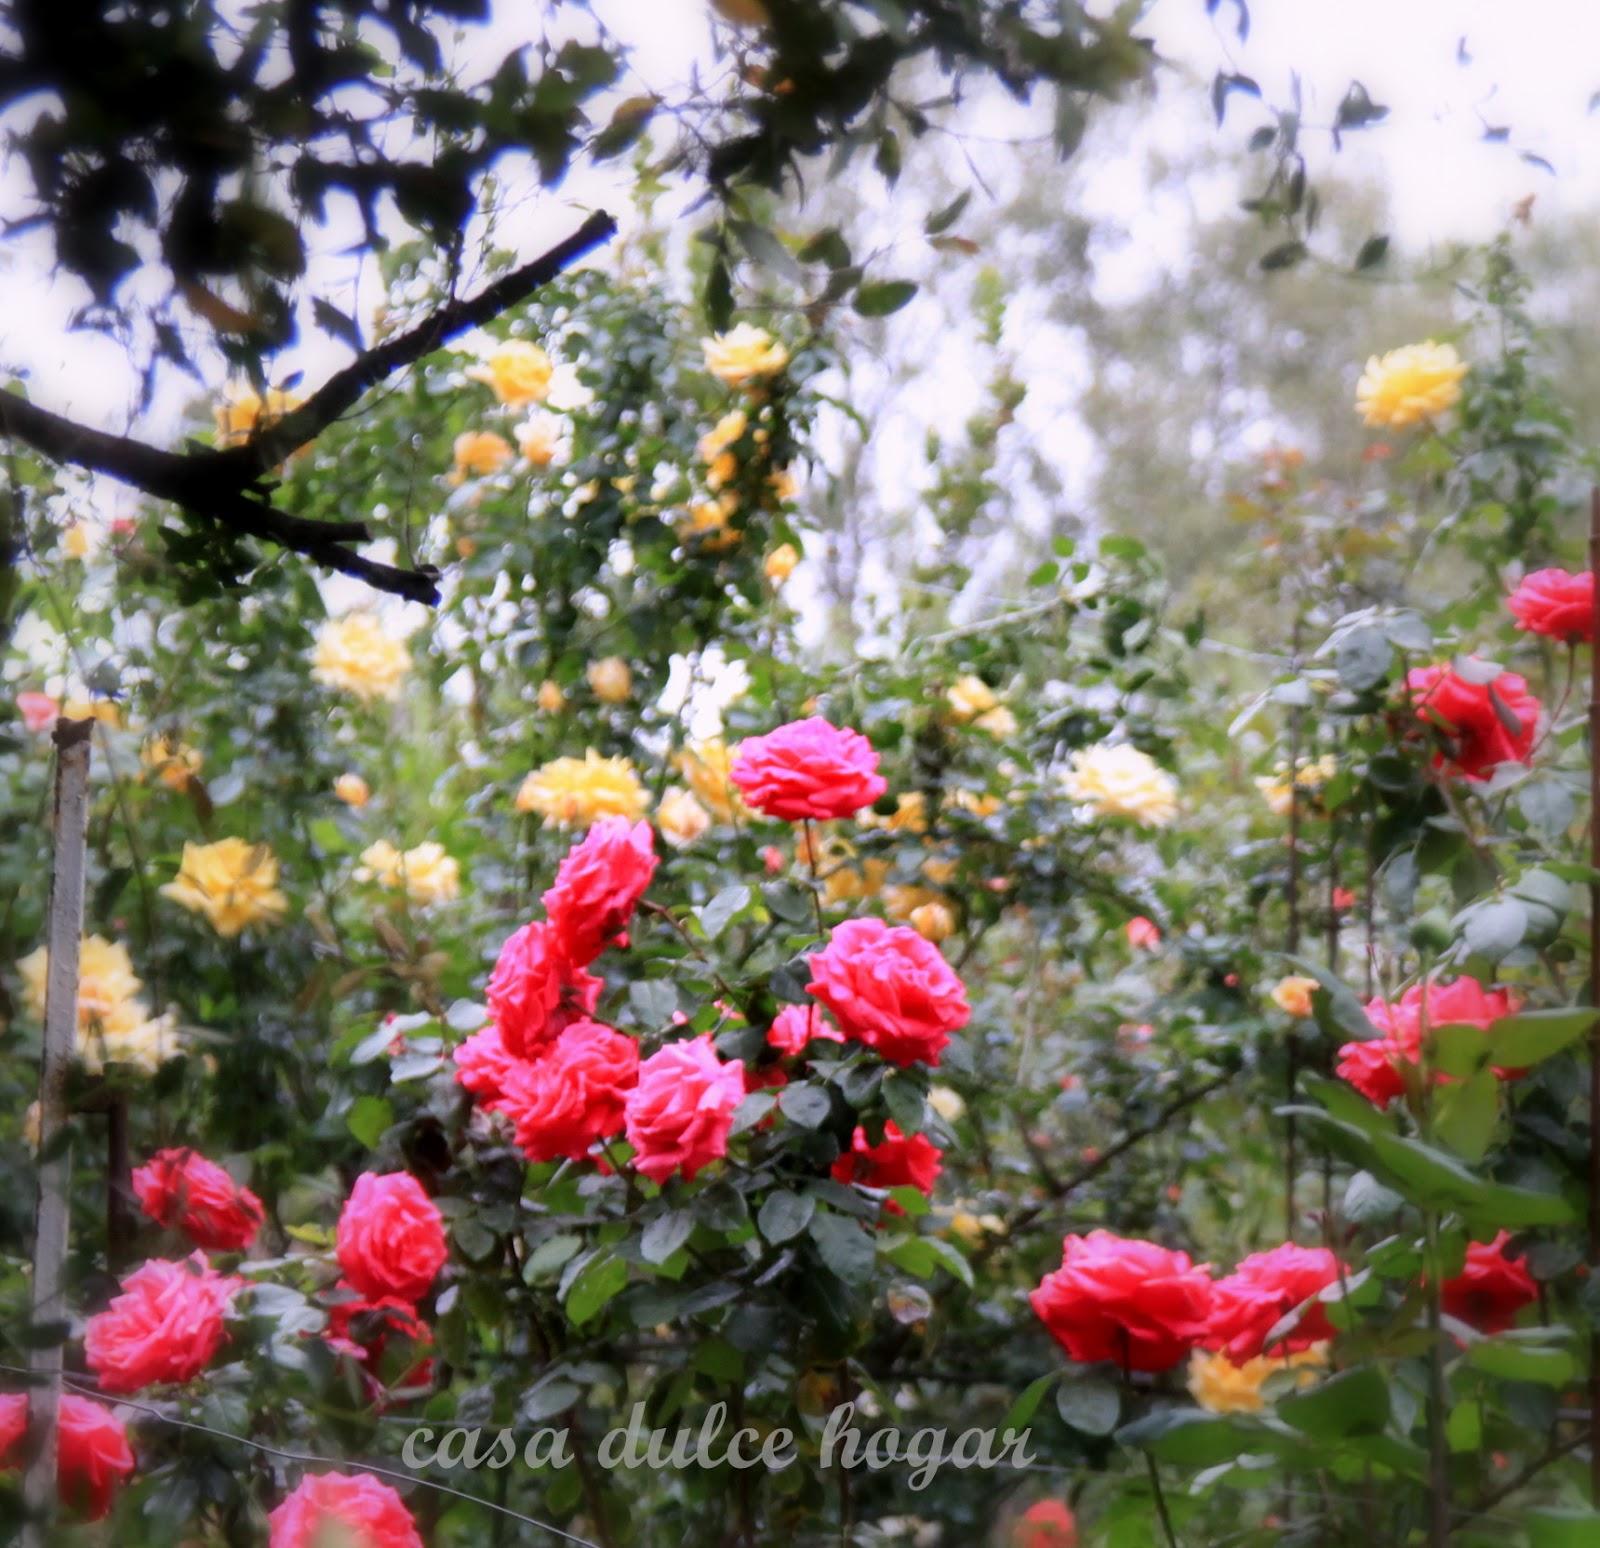 Casa dulce hogar rosas de mi jard n en verano for Ahuyentar gatos de mi jardin